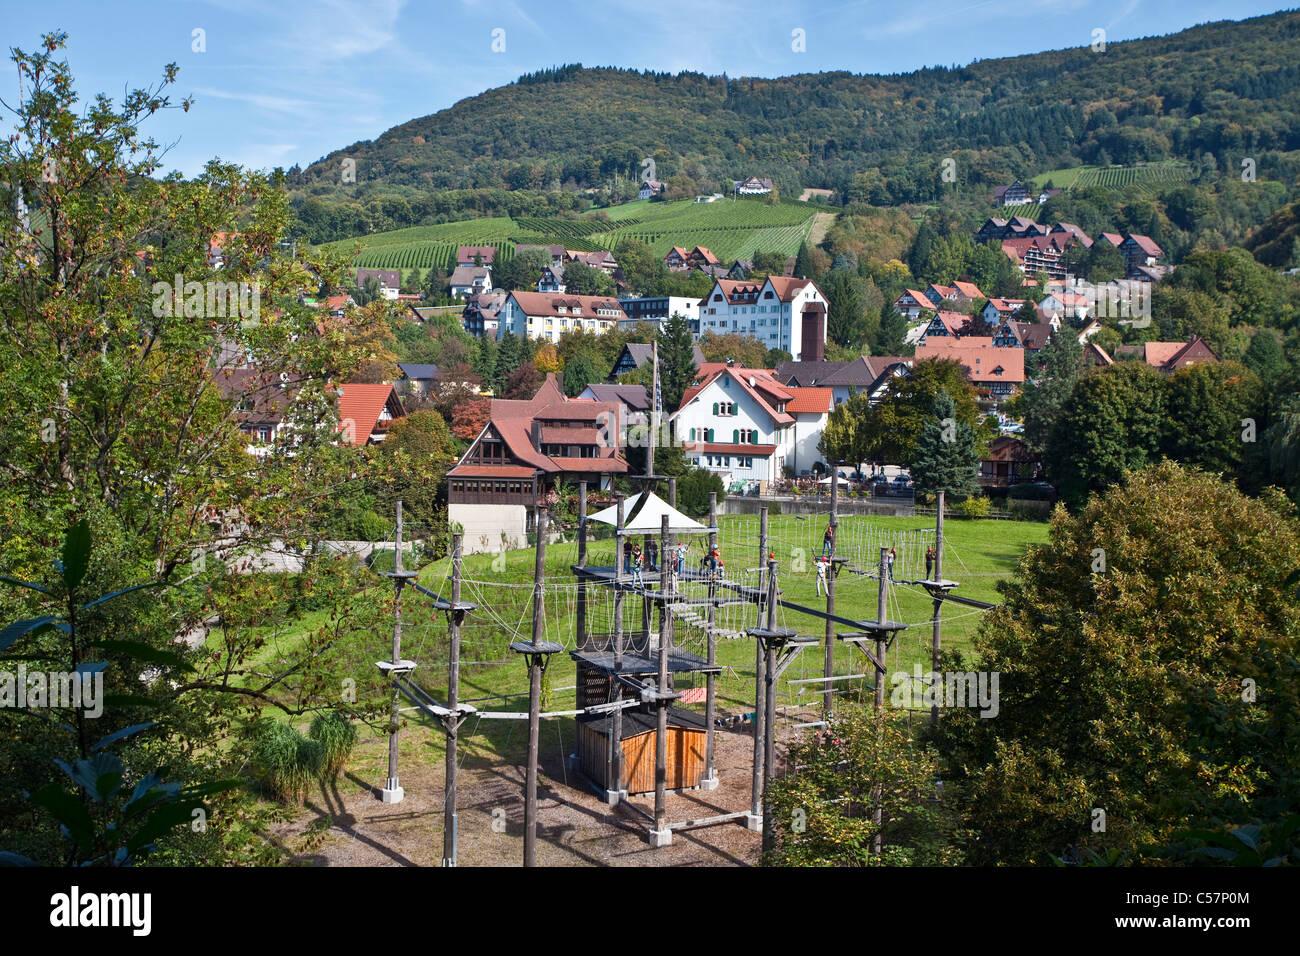 Hochseilpark Alde Gott, Sasbachwalden, High wire park, adventure park, climbing park, - Stock Image